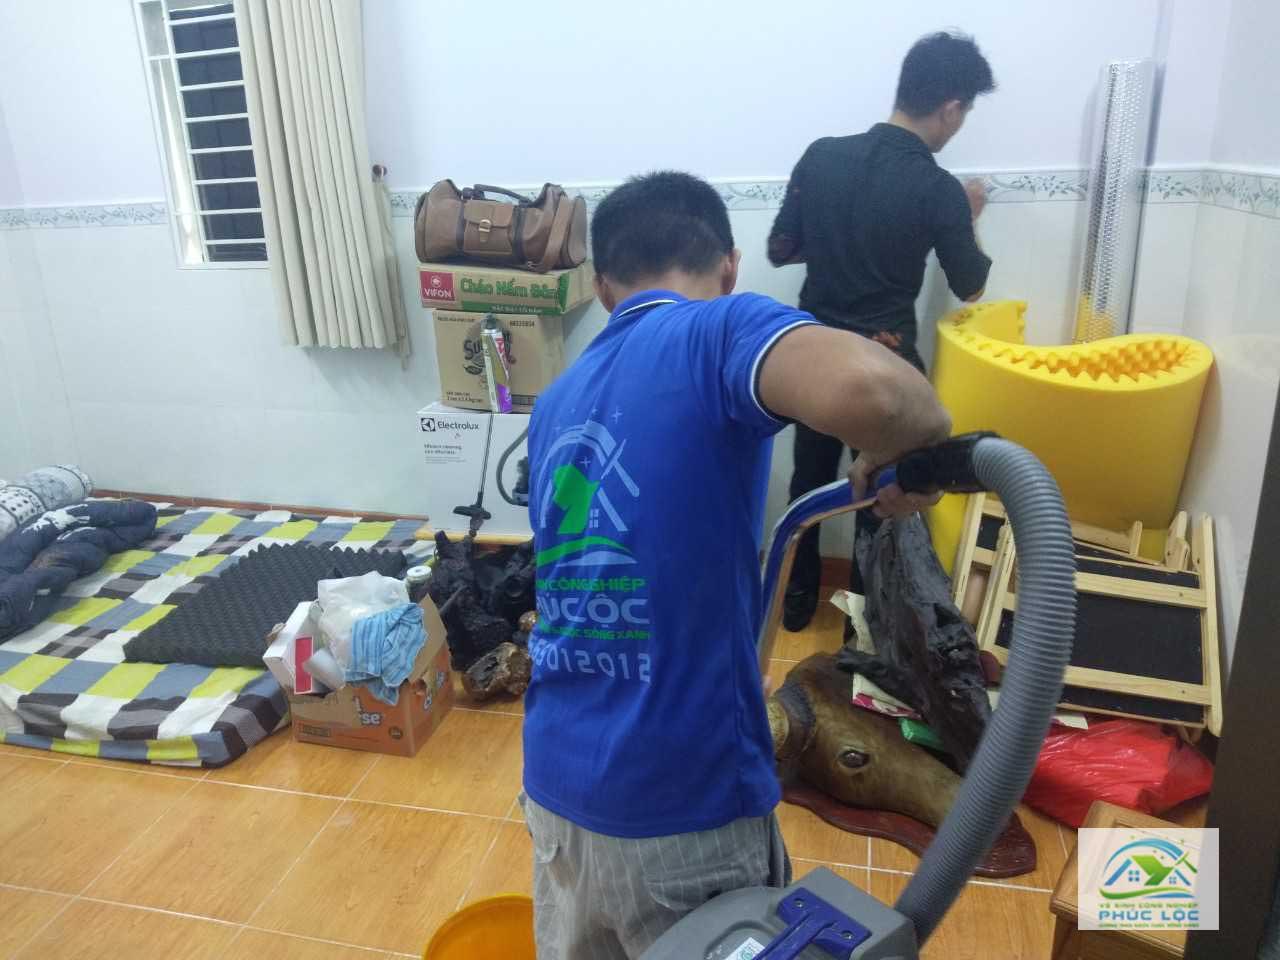 Hình Ảnh vệ sinh nhà ở của Phúc Lộc